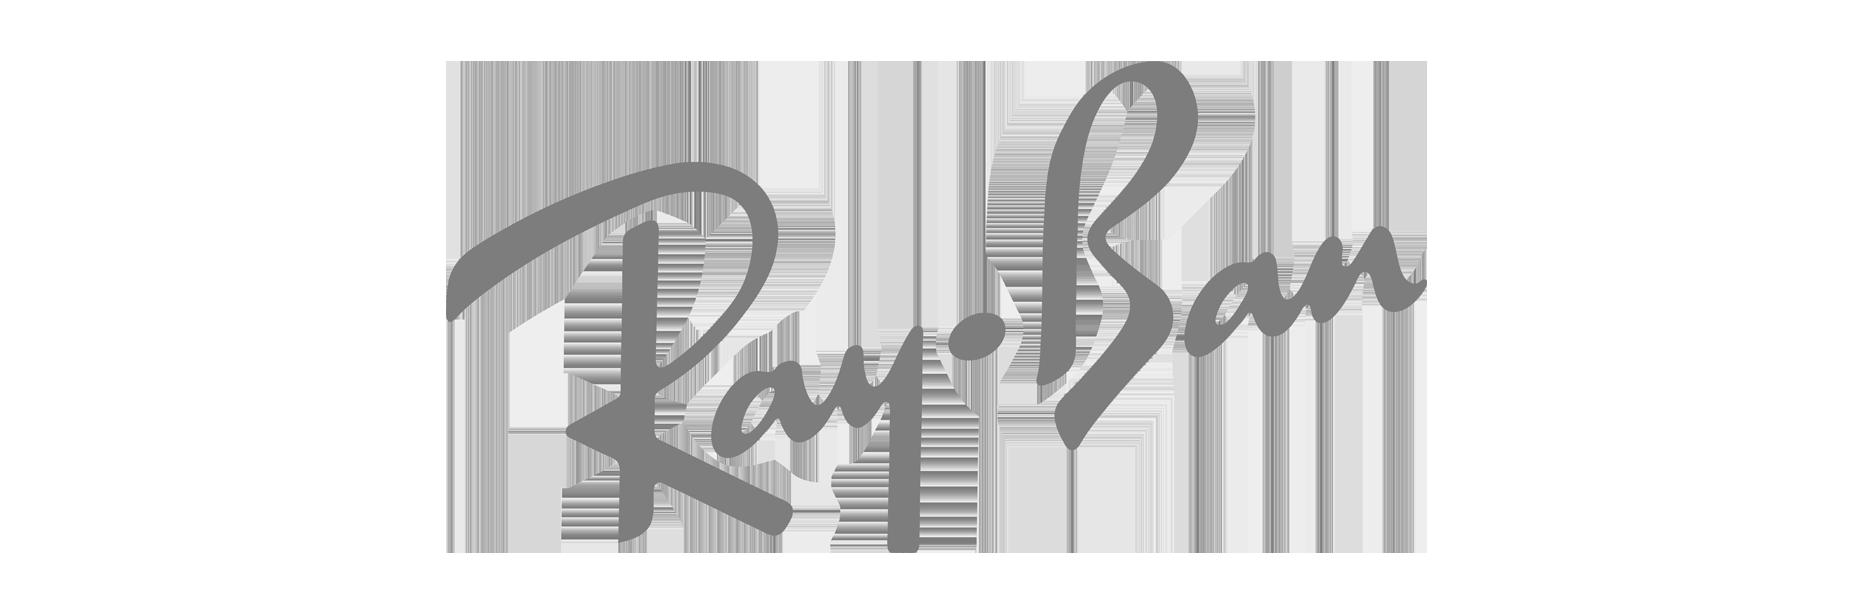 Ray Ban Ottica Bossi Trieste